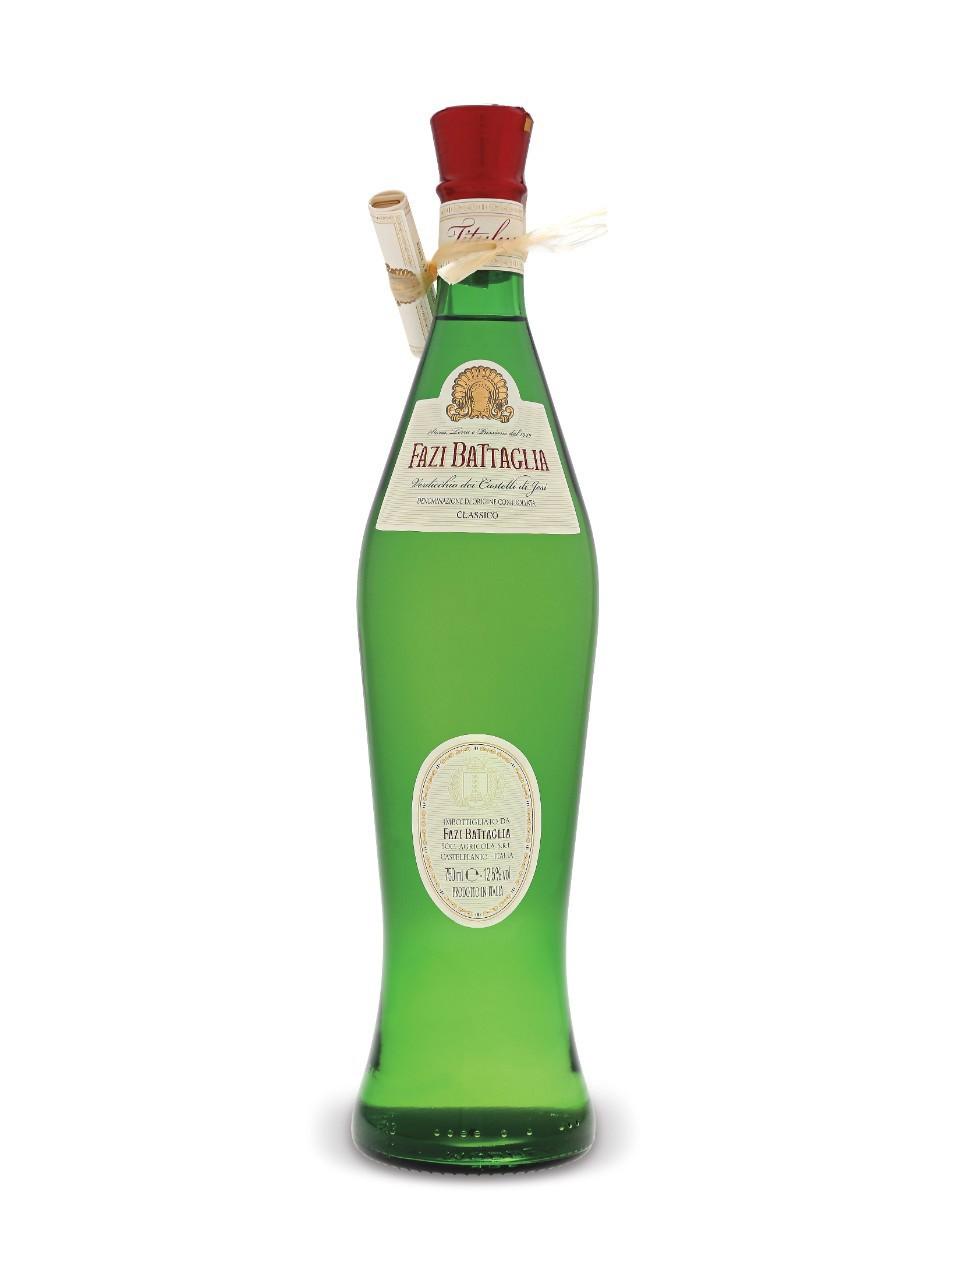 Verdicchio grape and wines - Story about Fazi Battaglia